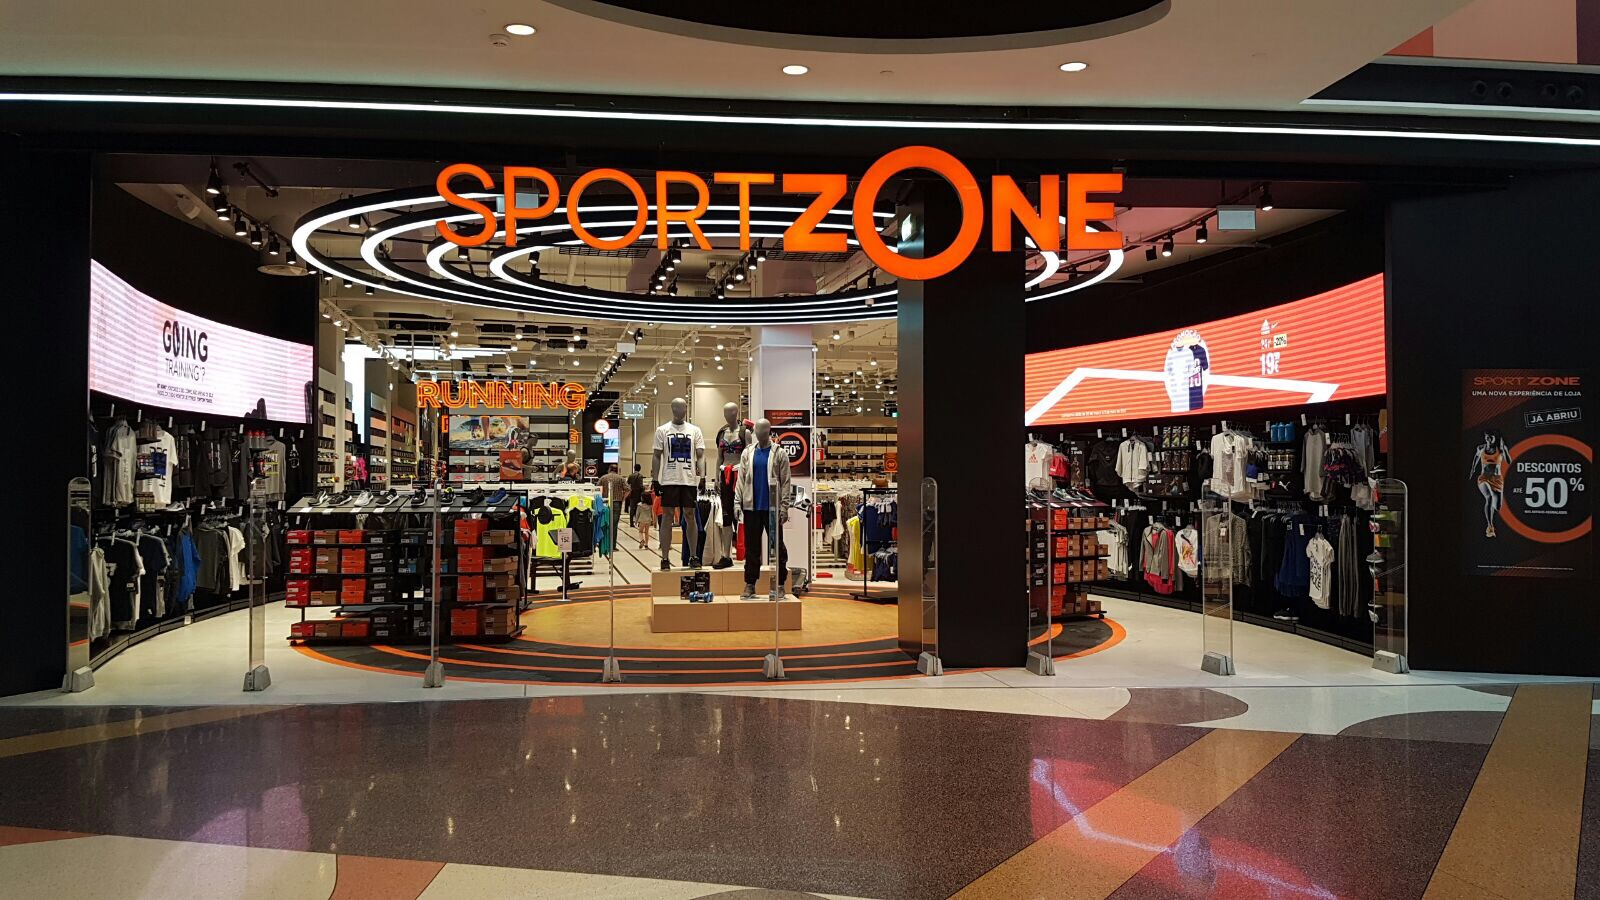 Citaten Sport Zone : Aminhacorrida sport zone renova loja no dolce vita